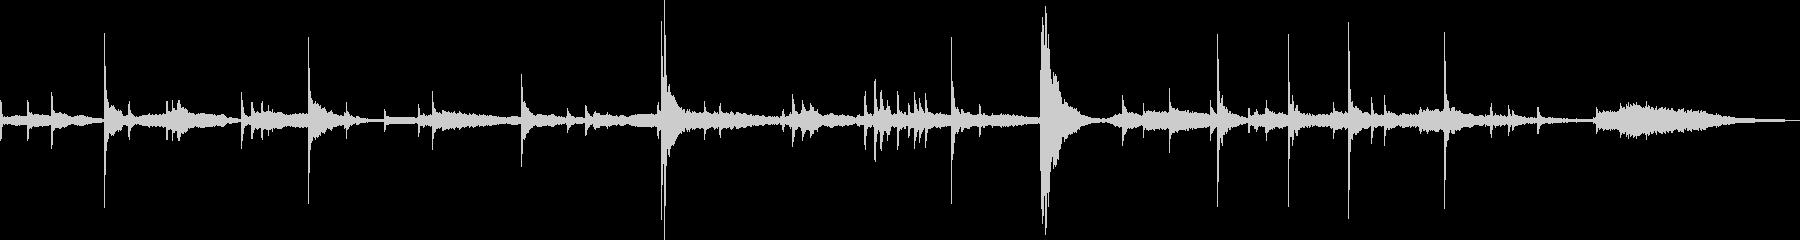 ピアノが印象的な怖いBGMの未再生の波形